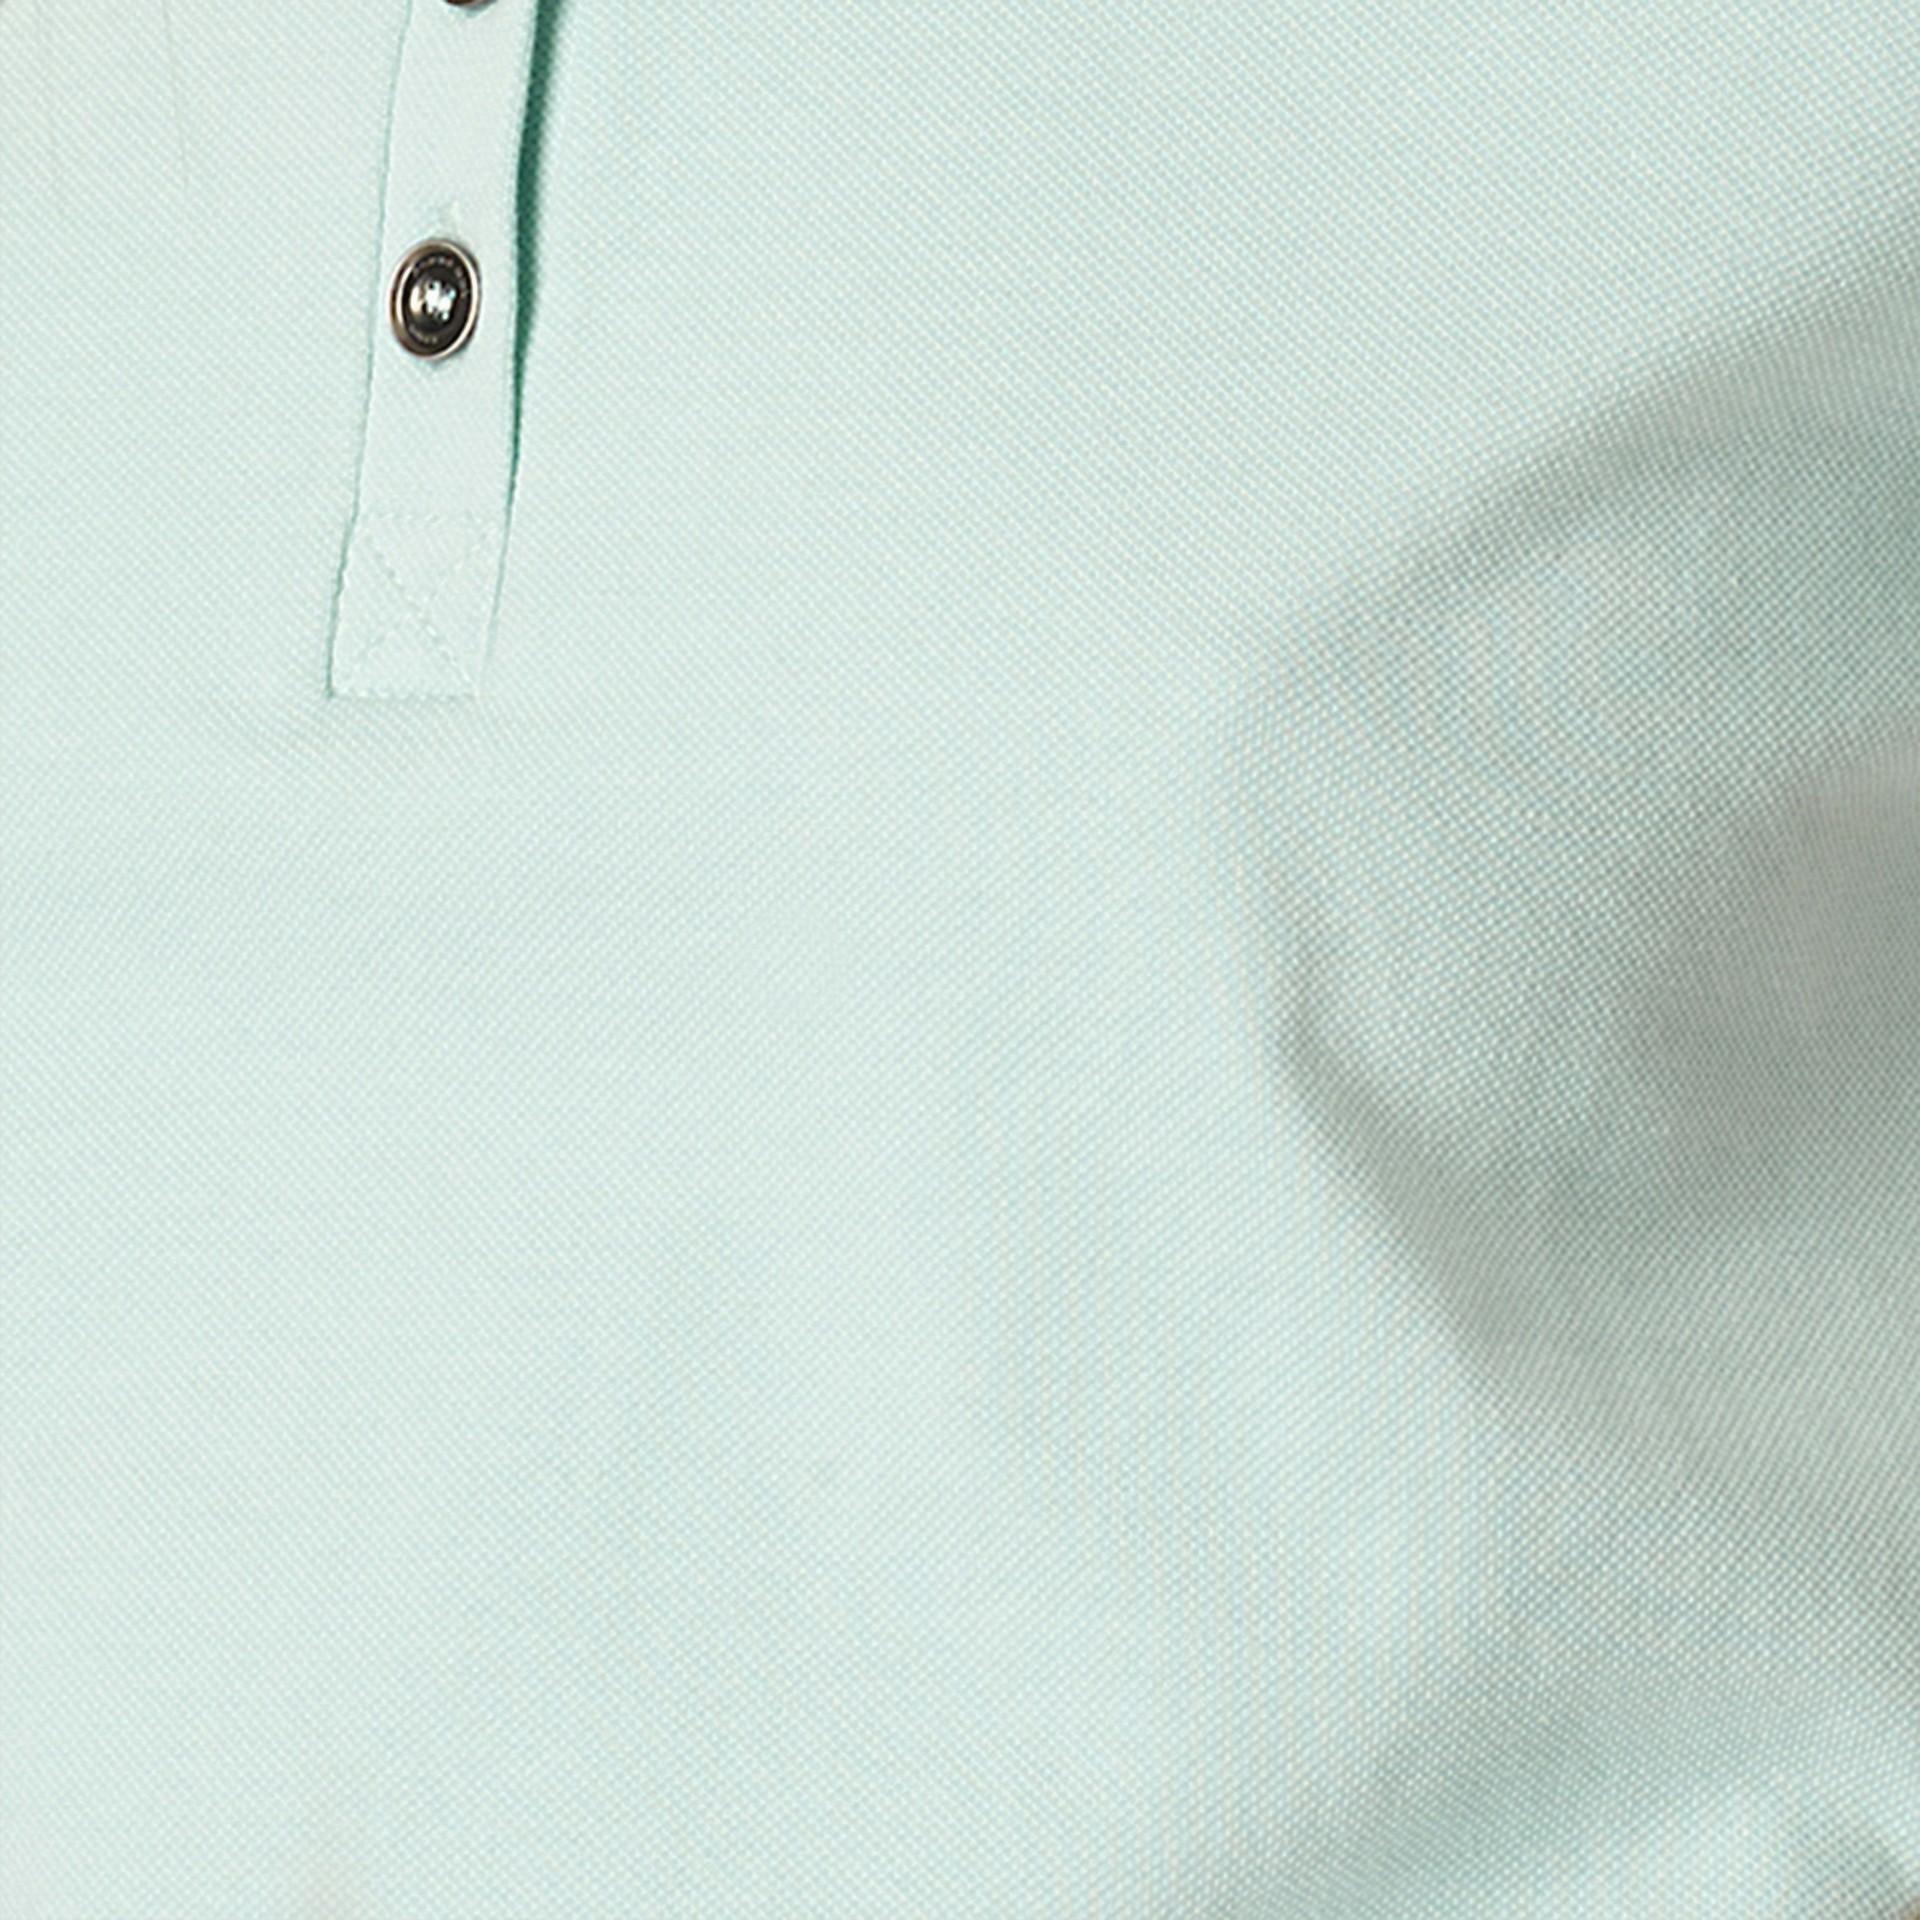 Opale verde chiaro Polo in cotone piqué stretch con finiture check Opale Verde Chiaro - immagine della galleria 2